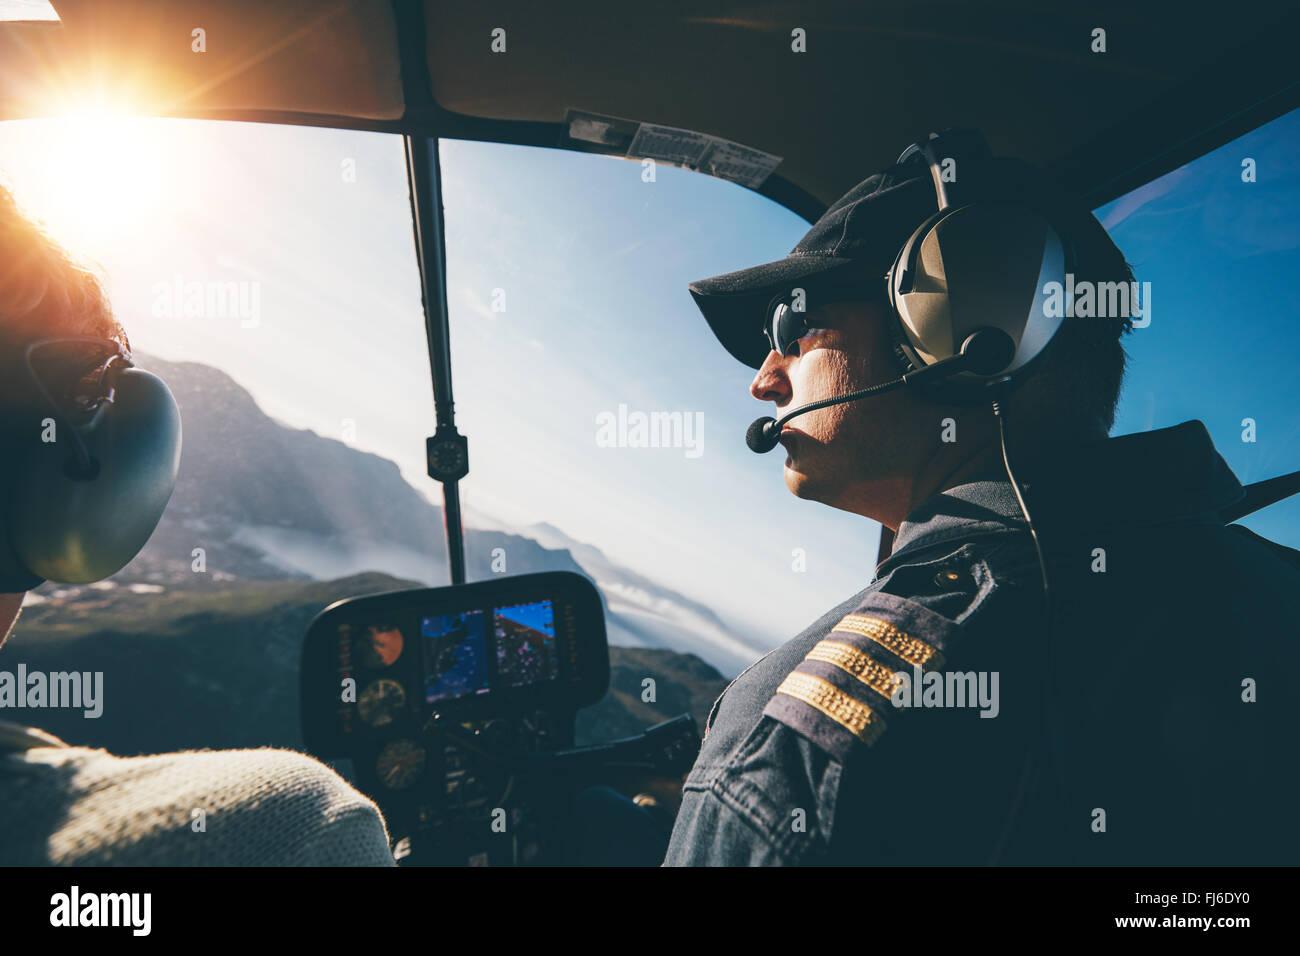 Mann und Frau-Piloten fliegen eines Hubschraubers an einem sonnigen Tag. Im inneren Aufnahme eines Hubschraubers. Stockbild